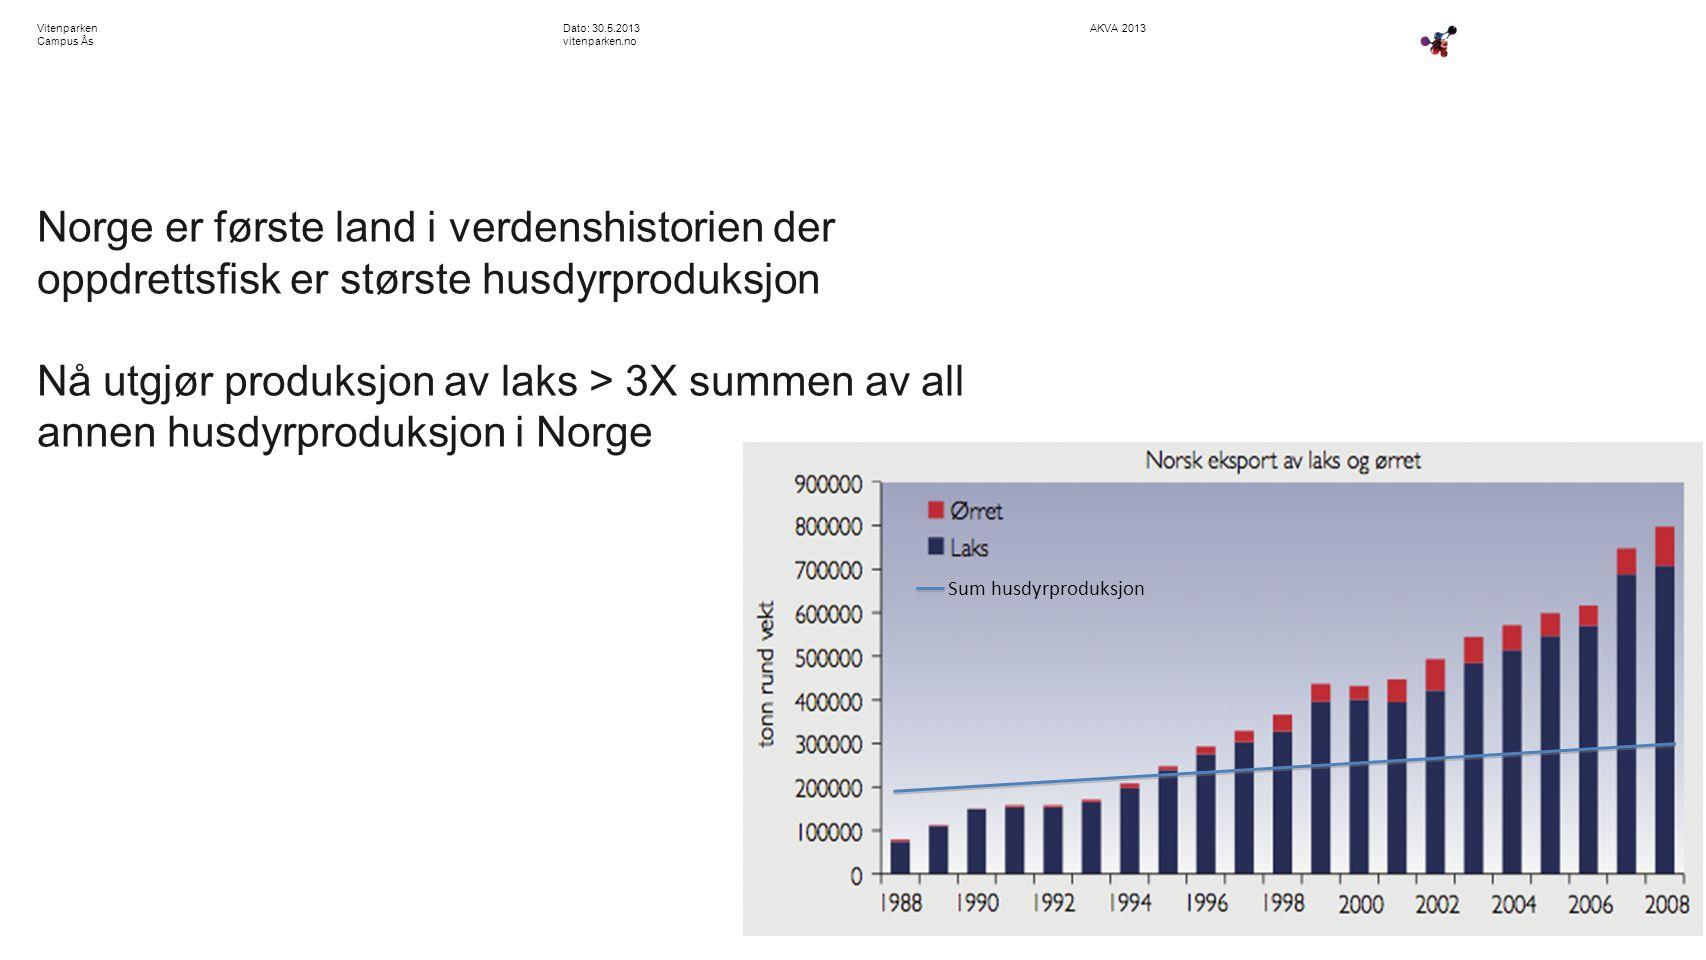 AKVA 2013Dato: 30.5.2013 vitenparken.no Vitenparken Campus Ås Norge er første land i verdenshistorien der oppdrettsfisk er største husdyrproduksjon Nå utgjør produksjon av laks > 3X summen av all annen husdyrproduksjon i Norge Sum husdyrproduksjon